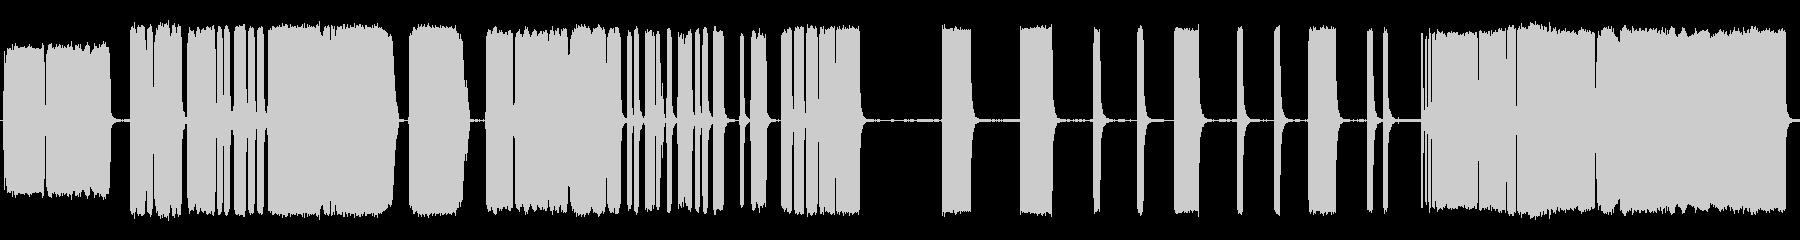 空気圧縮機のヒスの噴出の未再生の波形